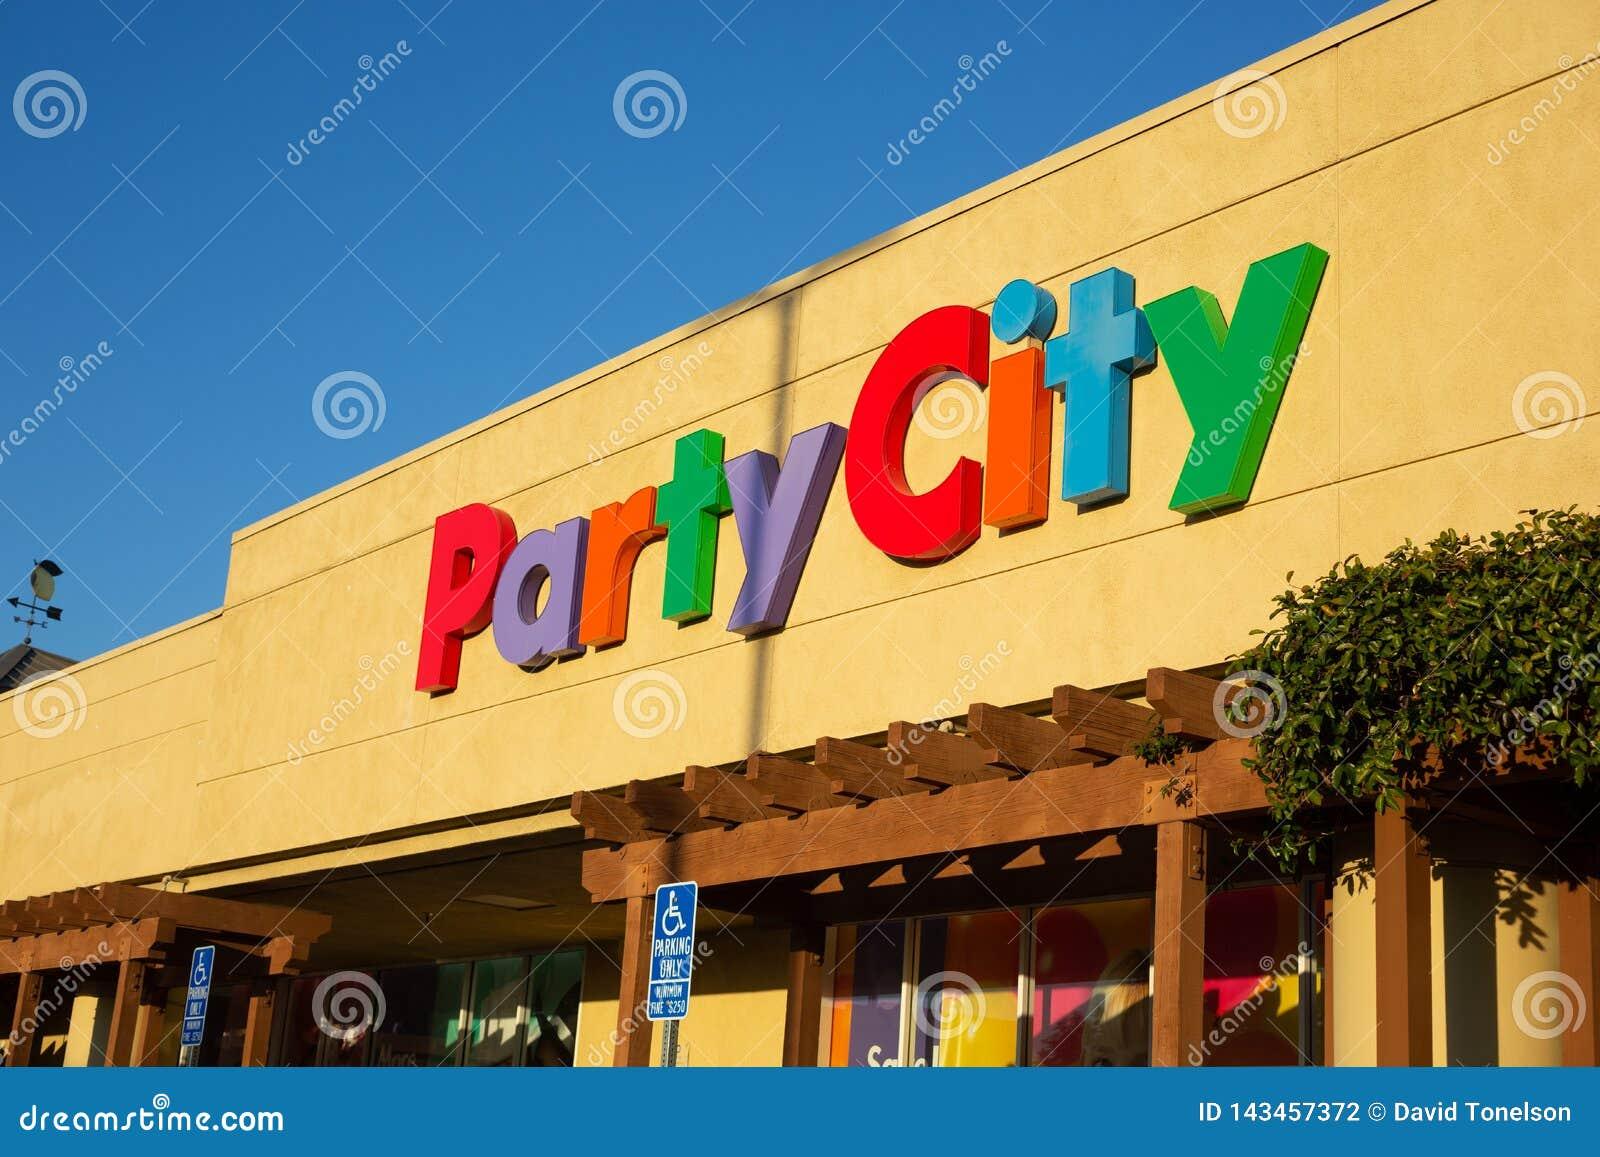 Il segno anteriore del deposito per la città del partito